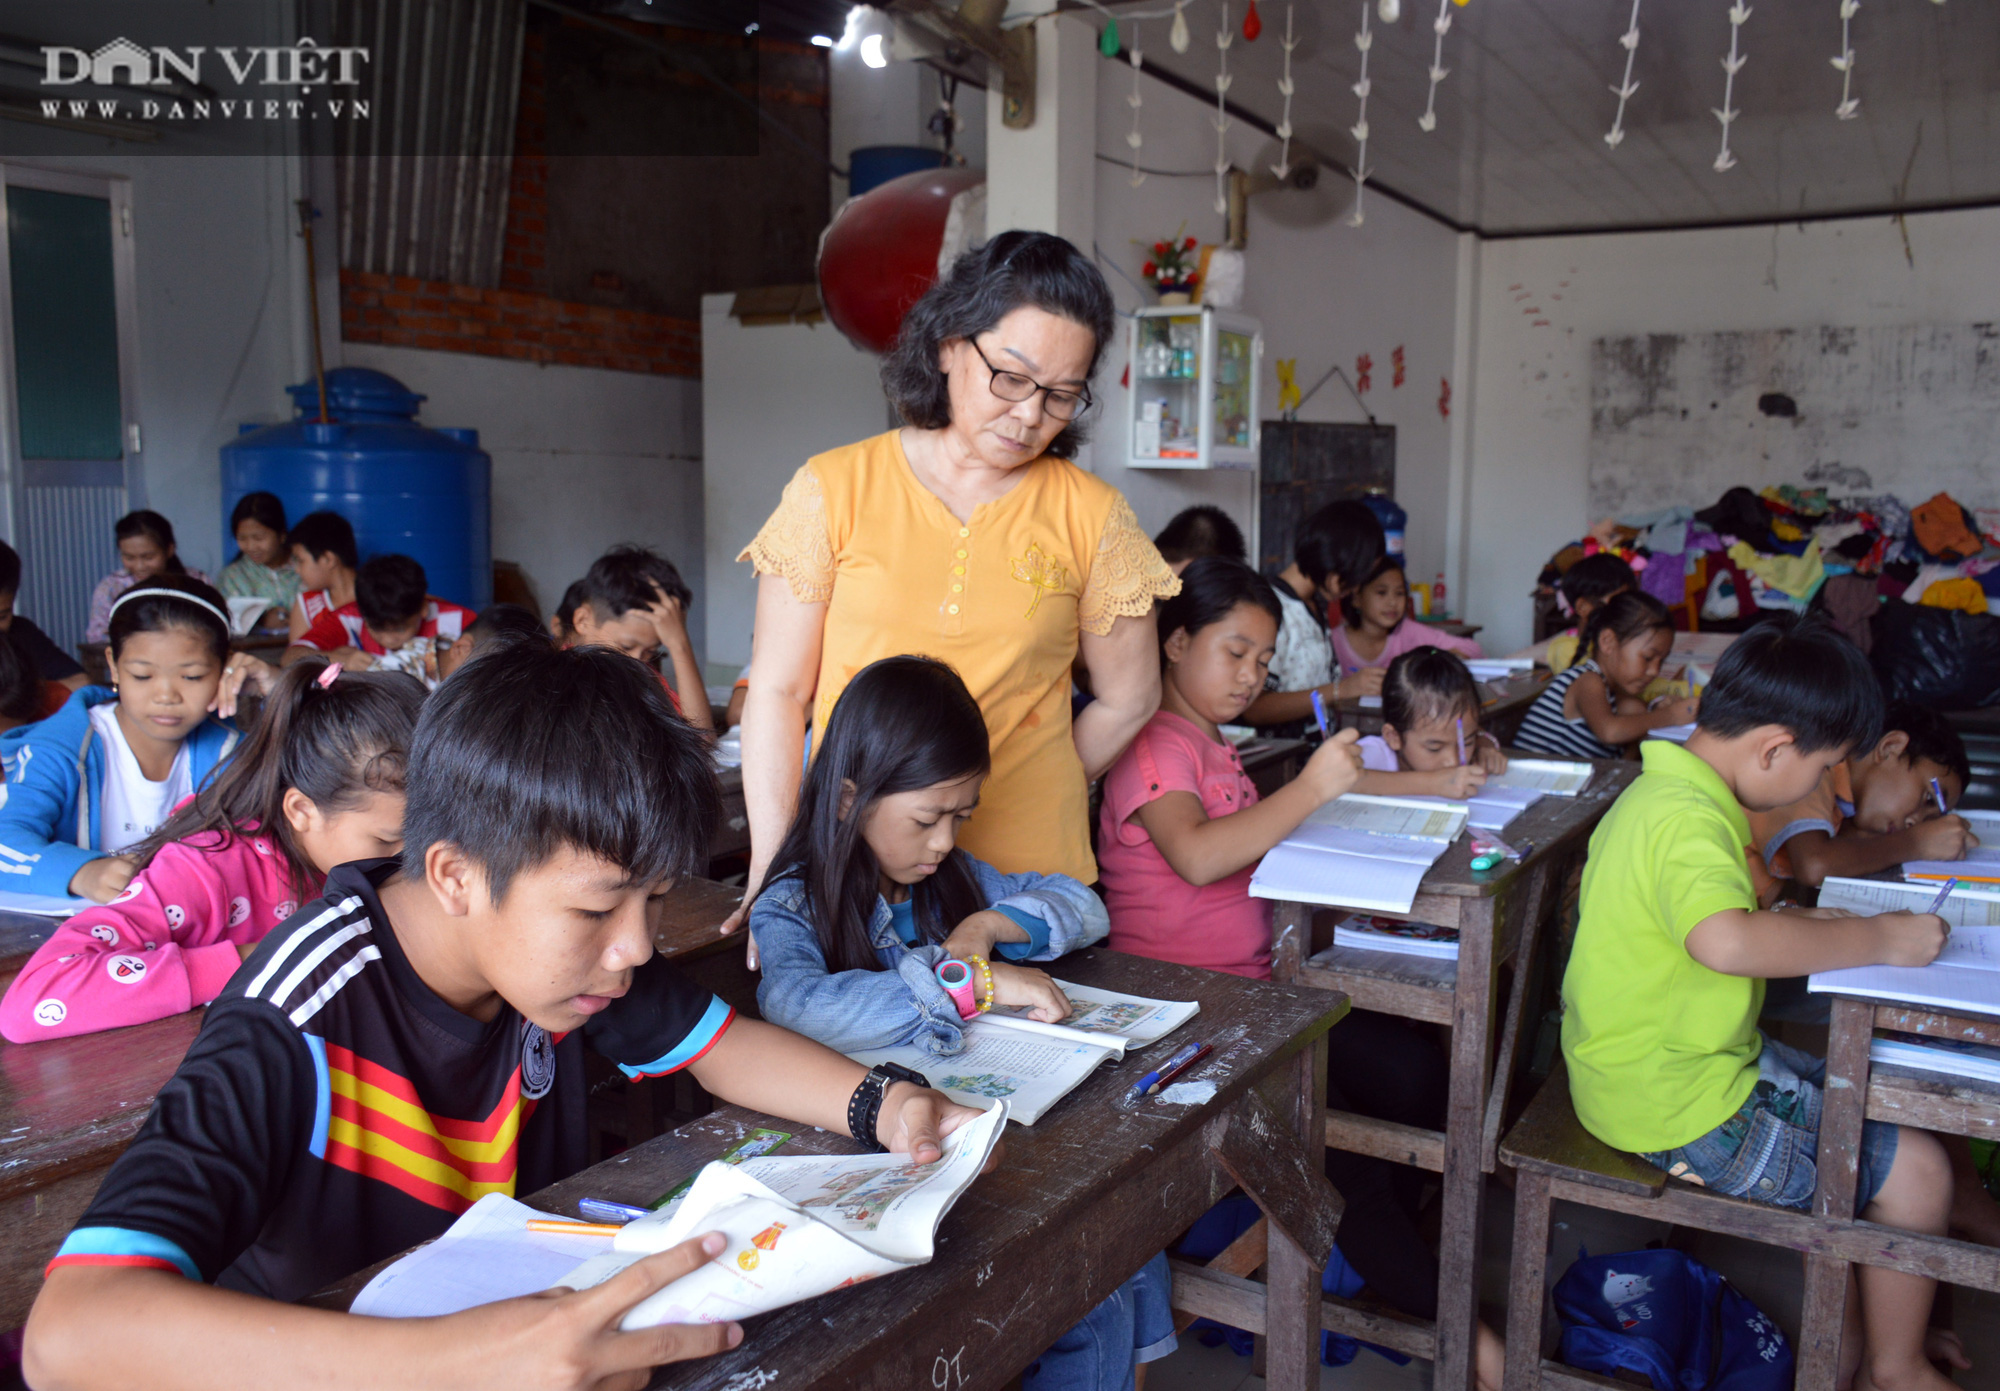 Lớp học tình thương 20 năm của con, em người lao động nghèo ở Cà Mau - Ảnh 1.